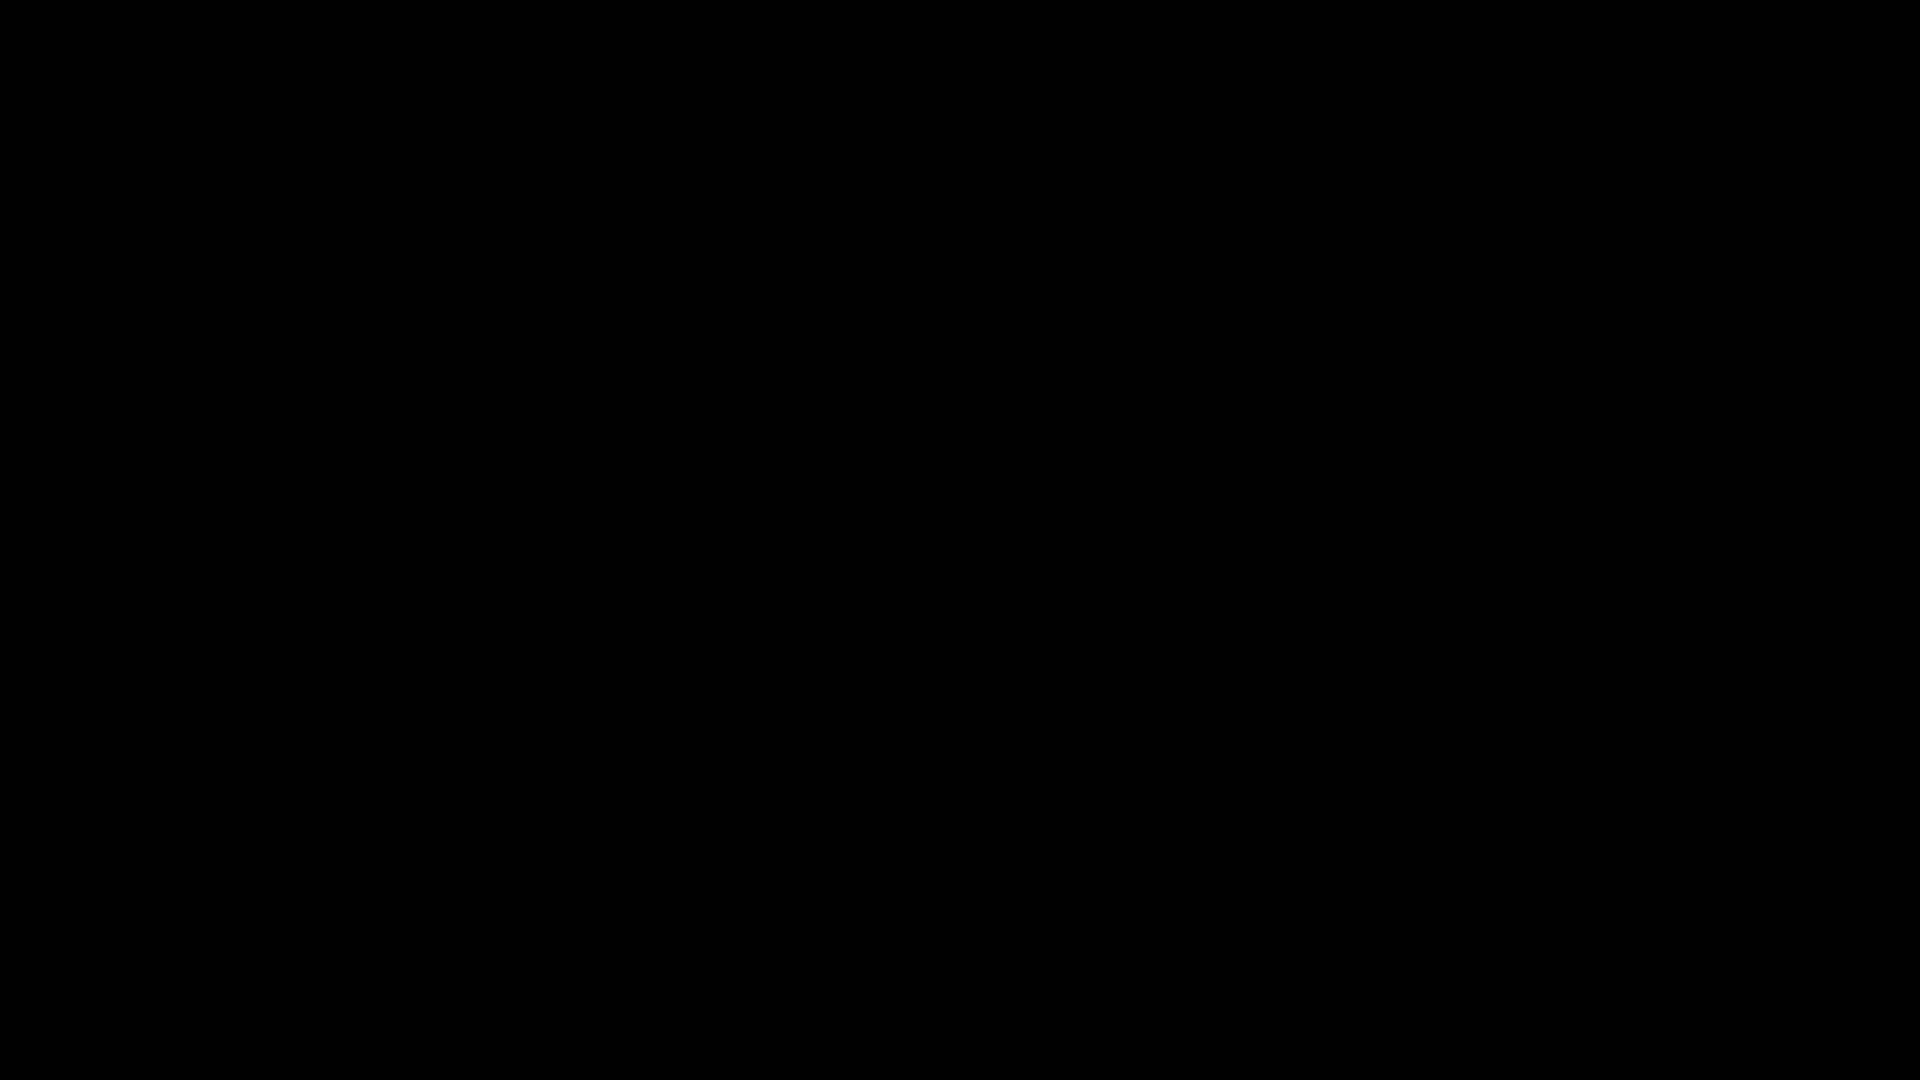 sanspapiersbuona